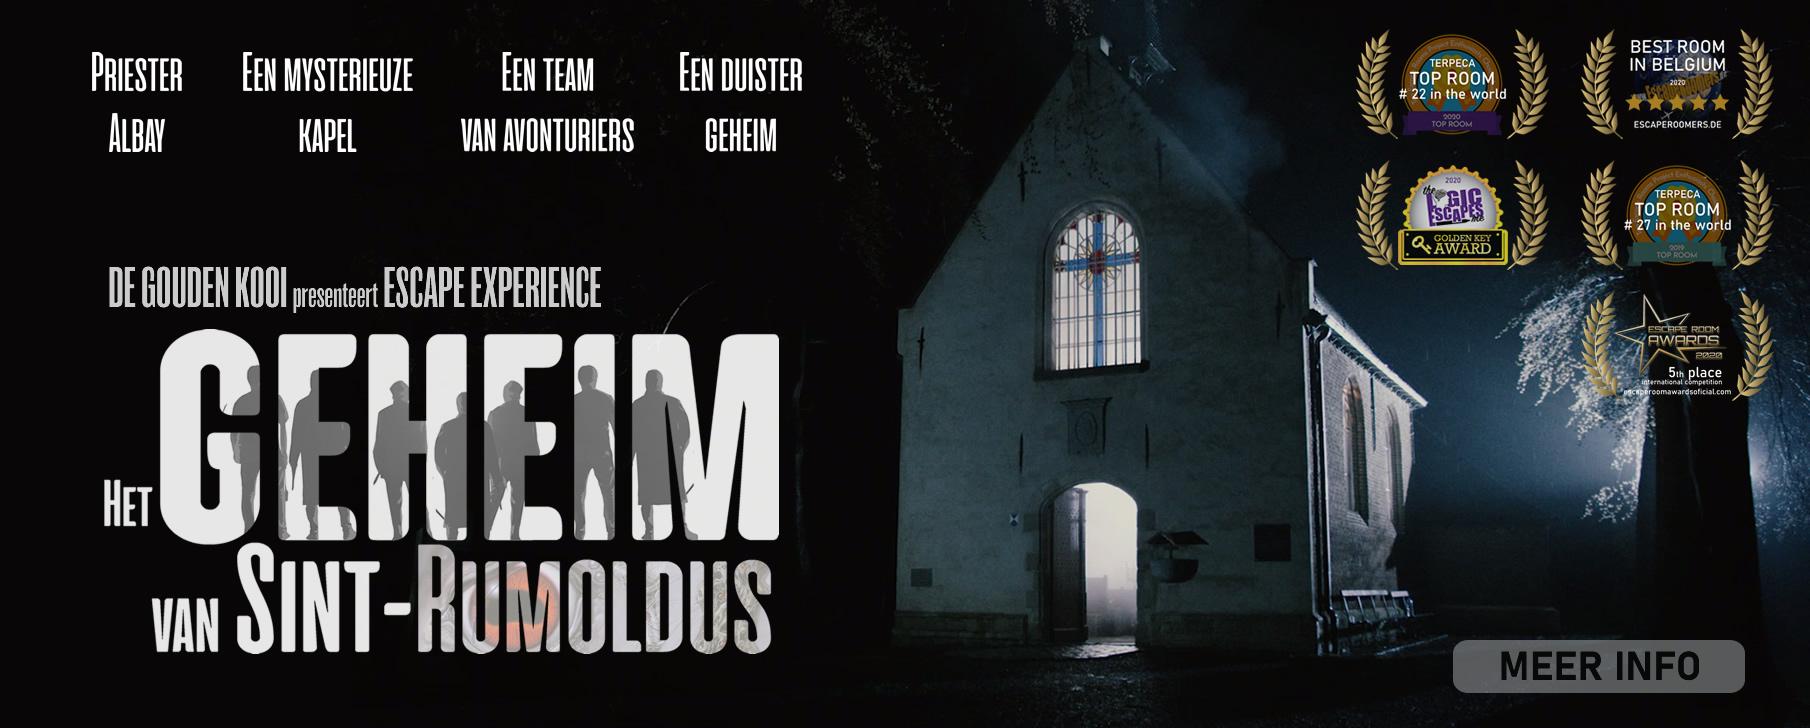 Escape Experience - Het geheim van Sint-Rumoldus